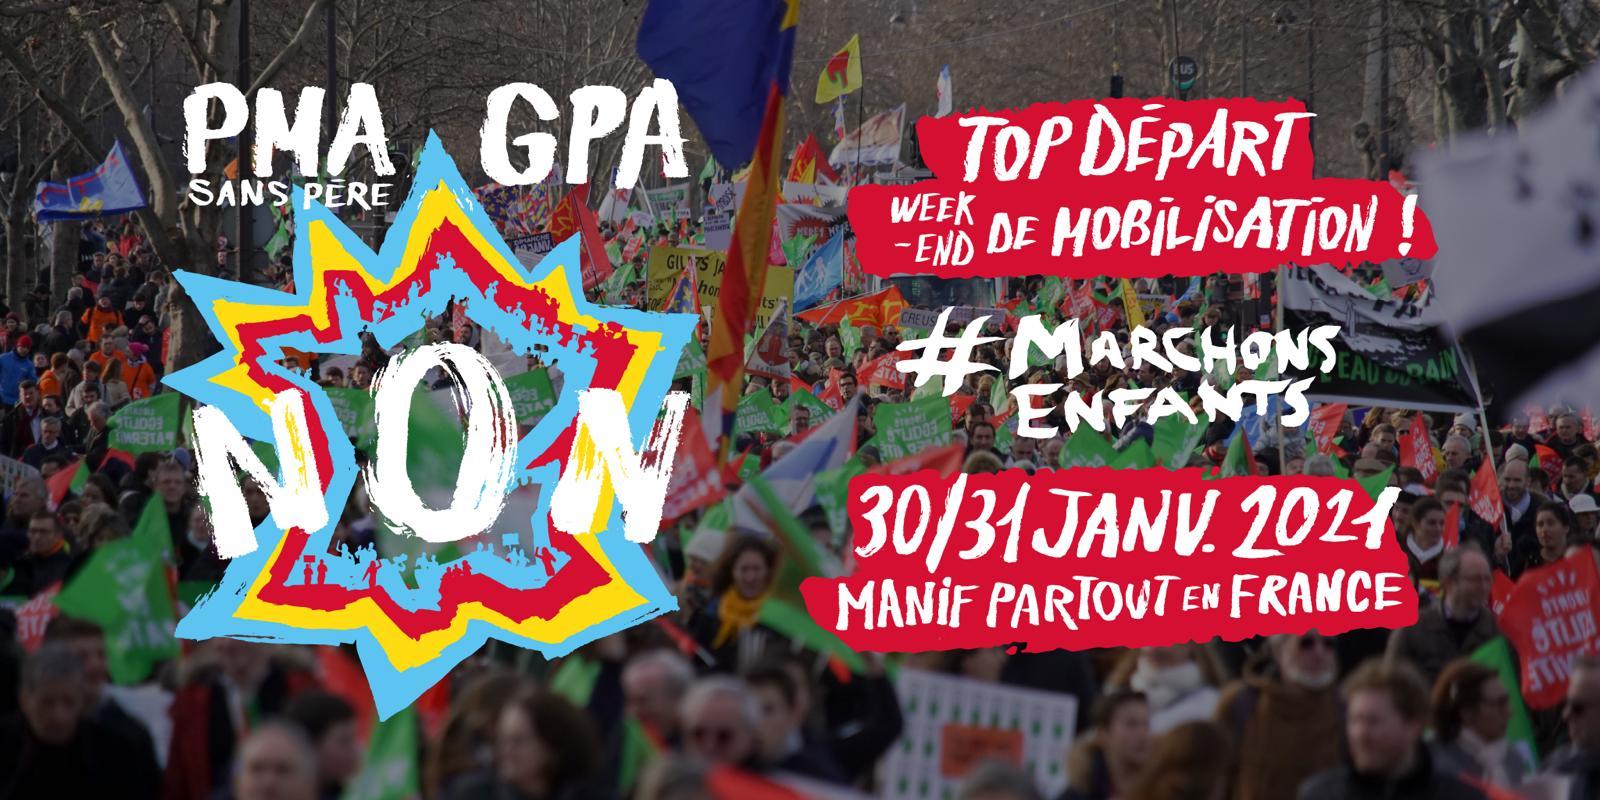 Image - EN DIRECT : suivez les manifestations du 30 janvier partout en France !